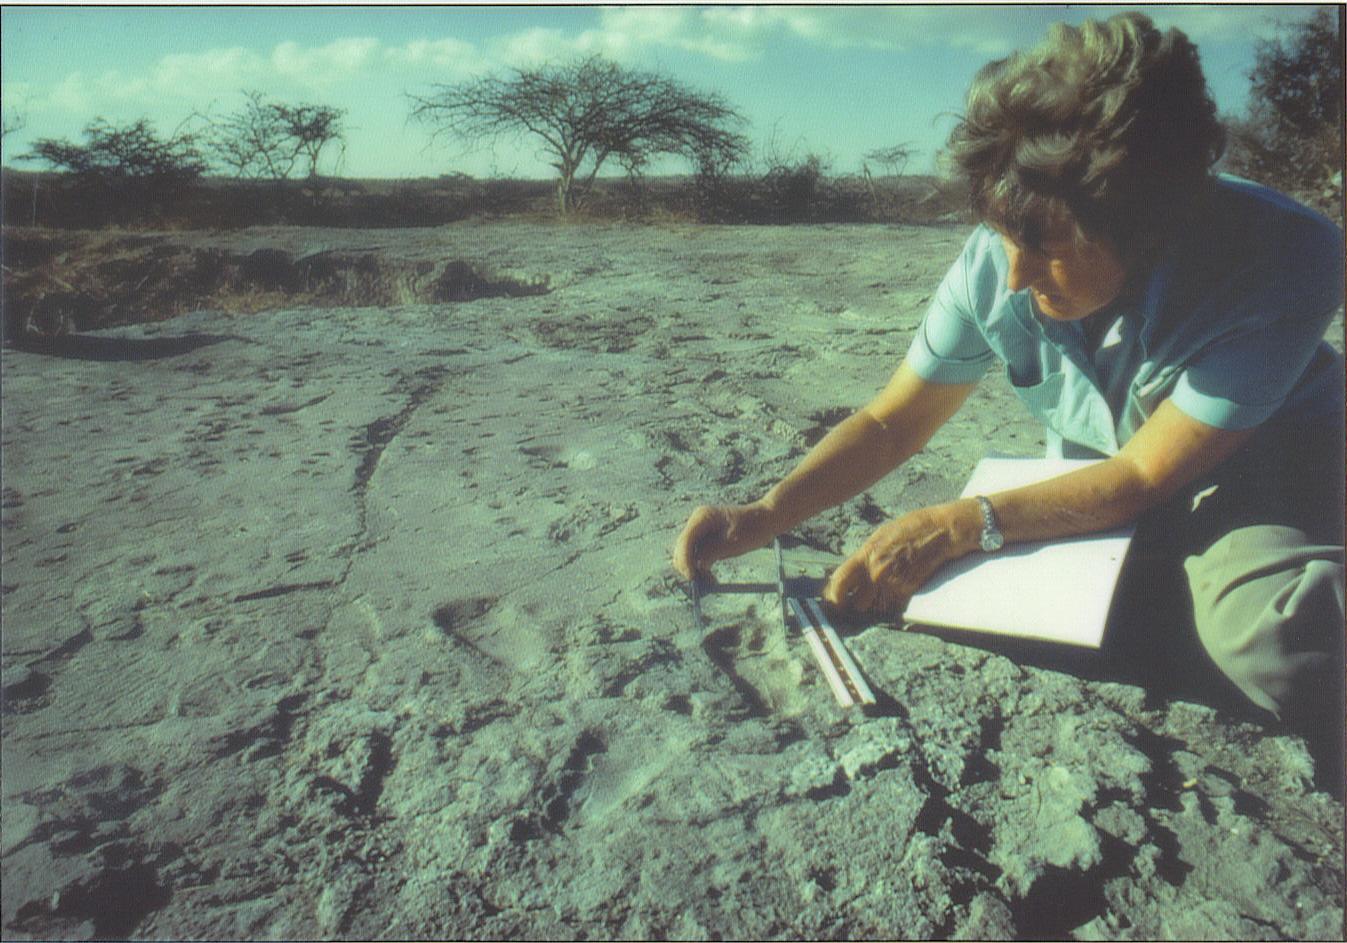 La paleontologa Mary Leakey al lavoro nel sito di Laetoli in Tanzania